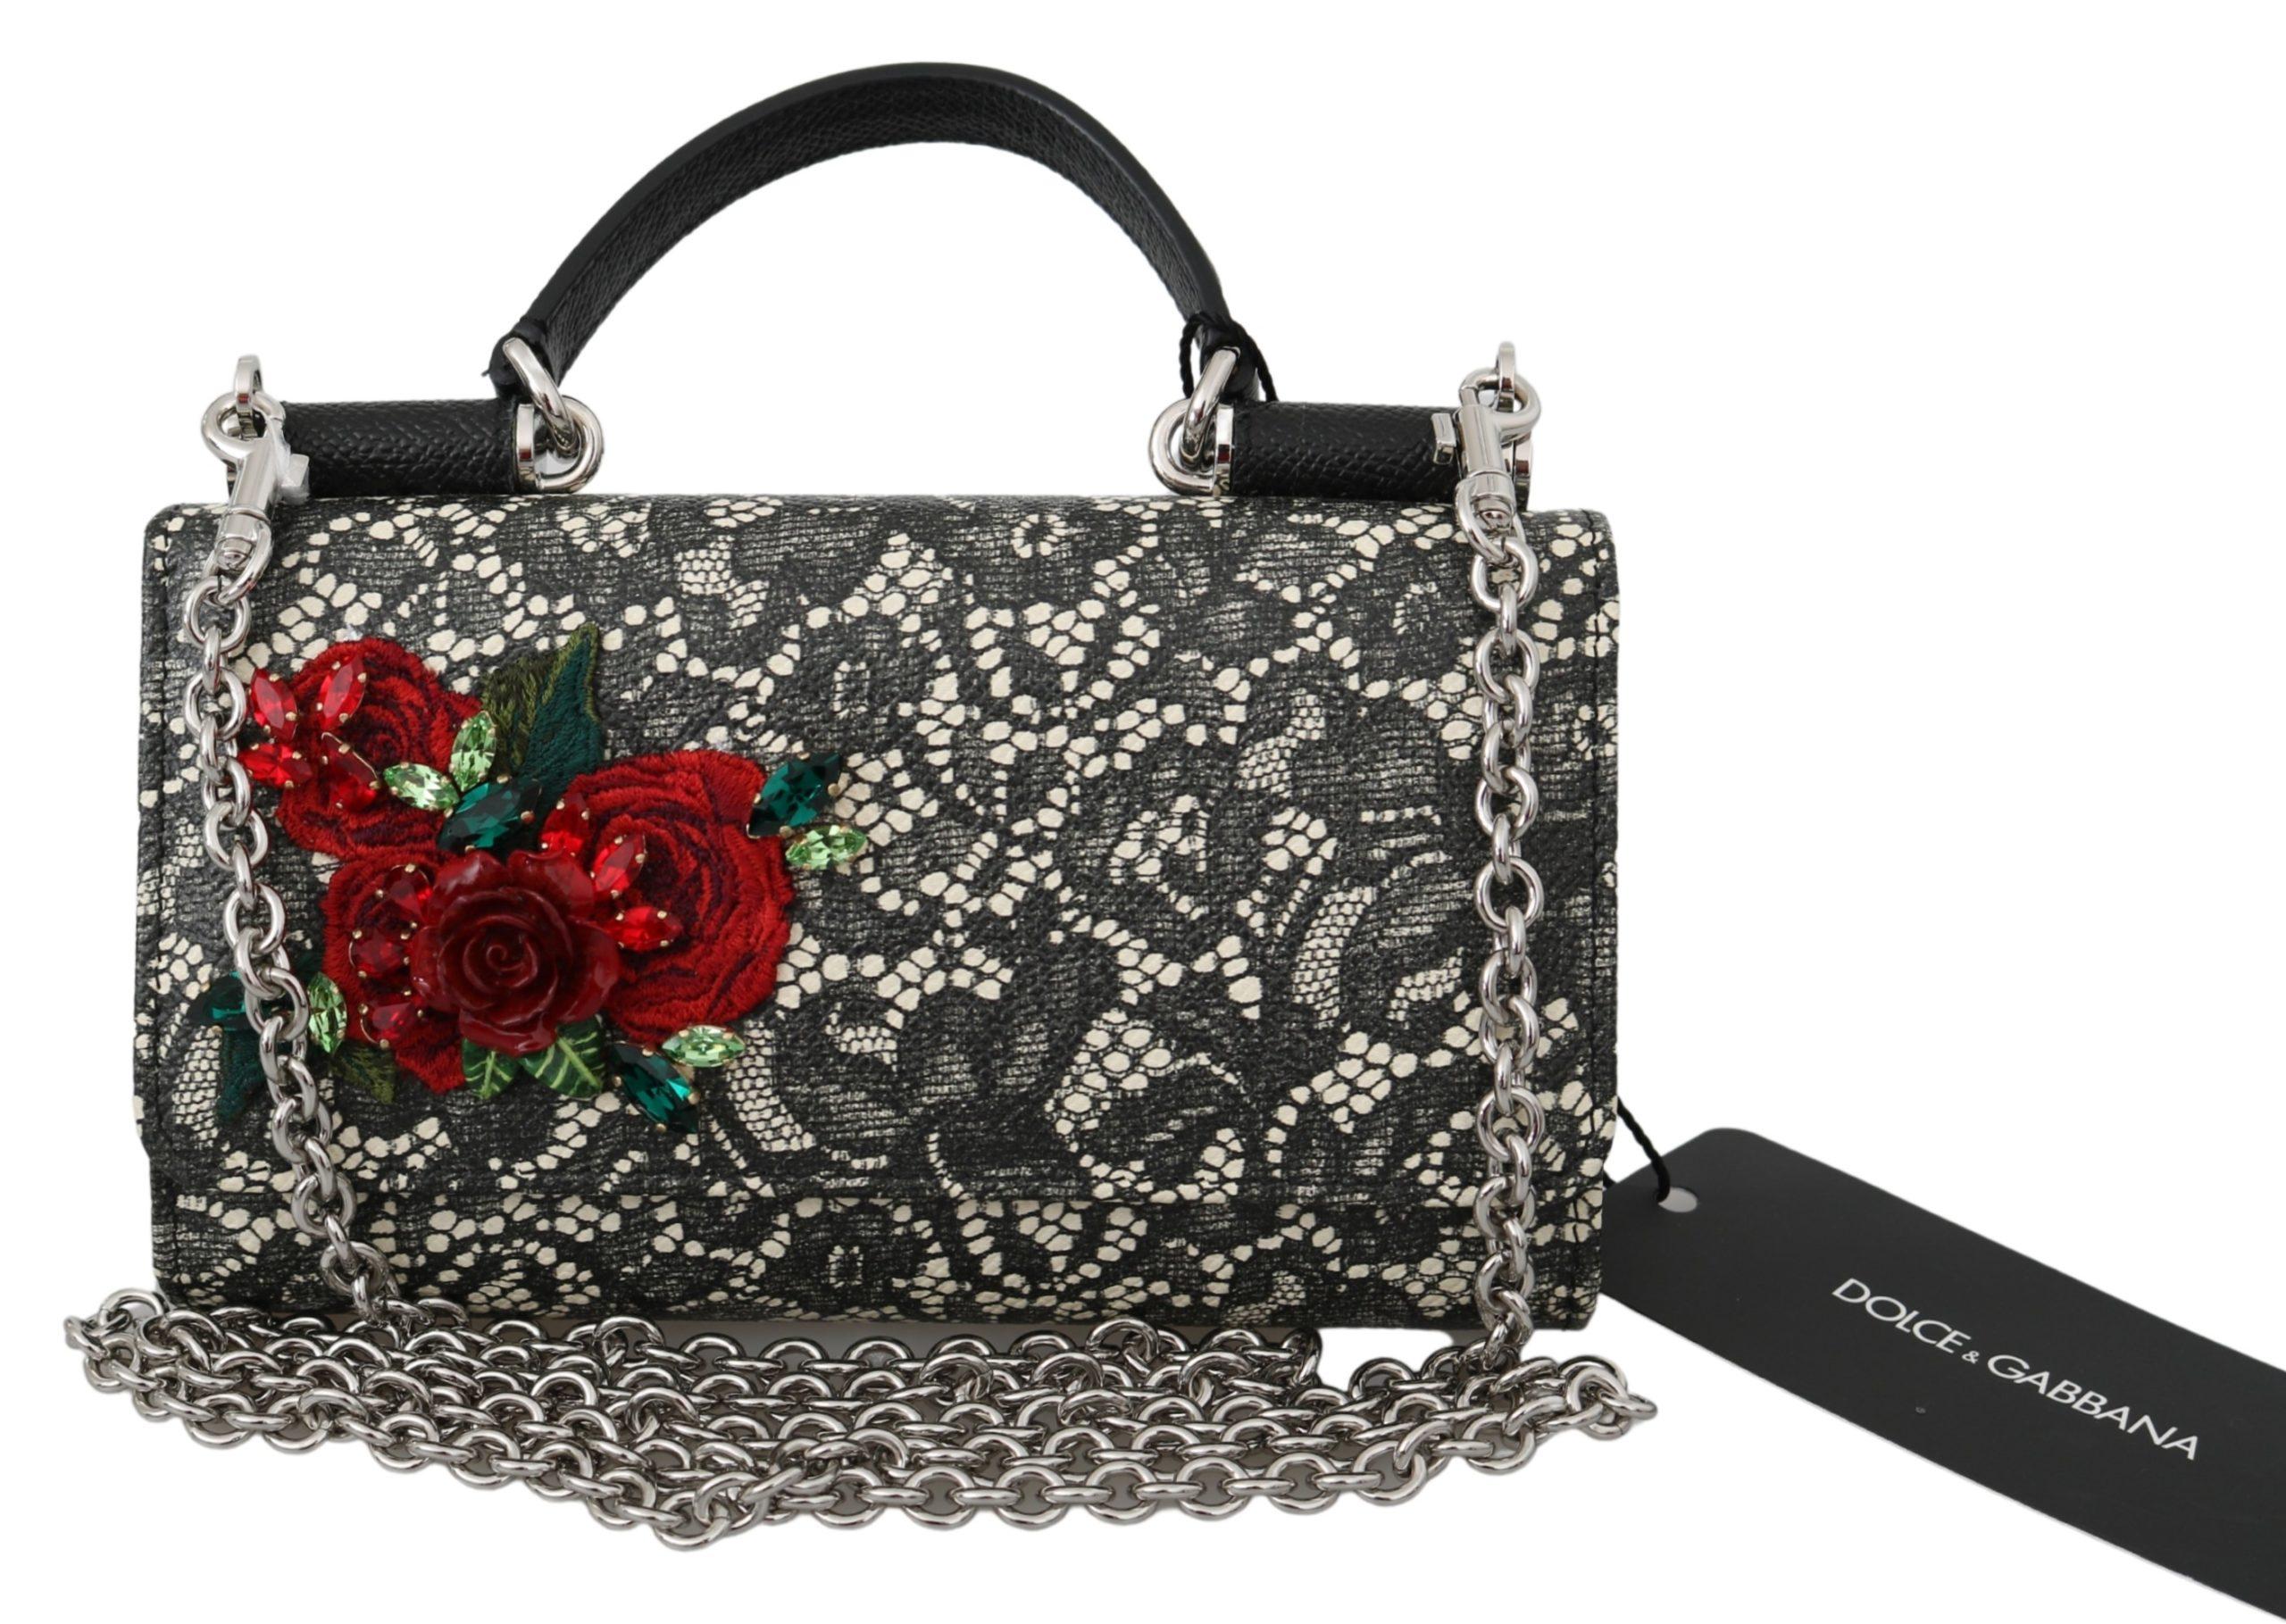 Dolce & Gabbana Women's Leather Crystal Roses Shoulder Bag Black VAS9930